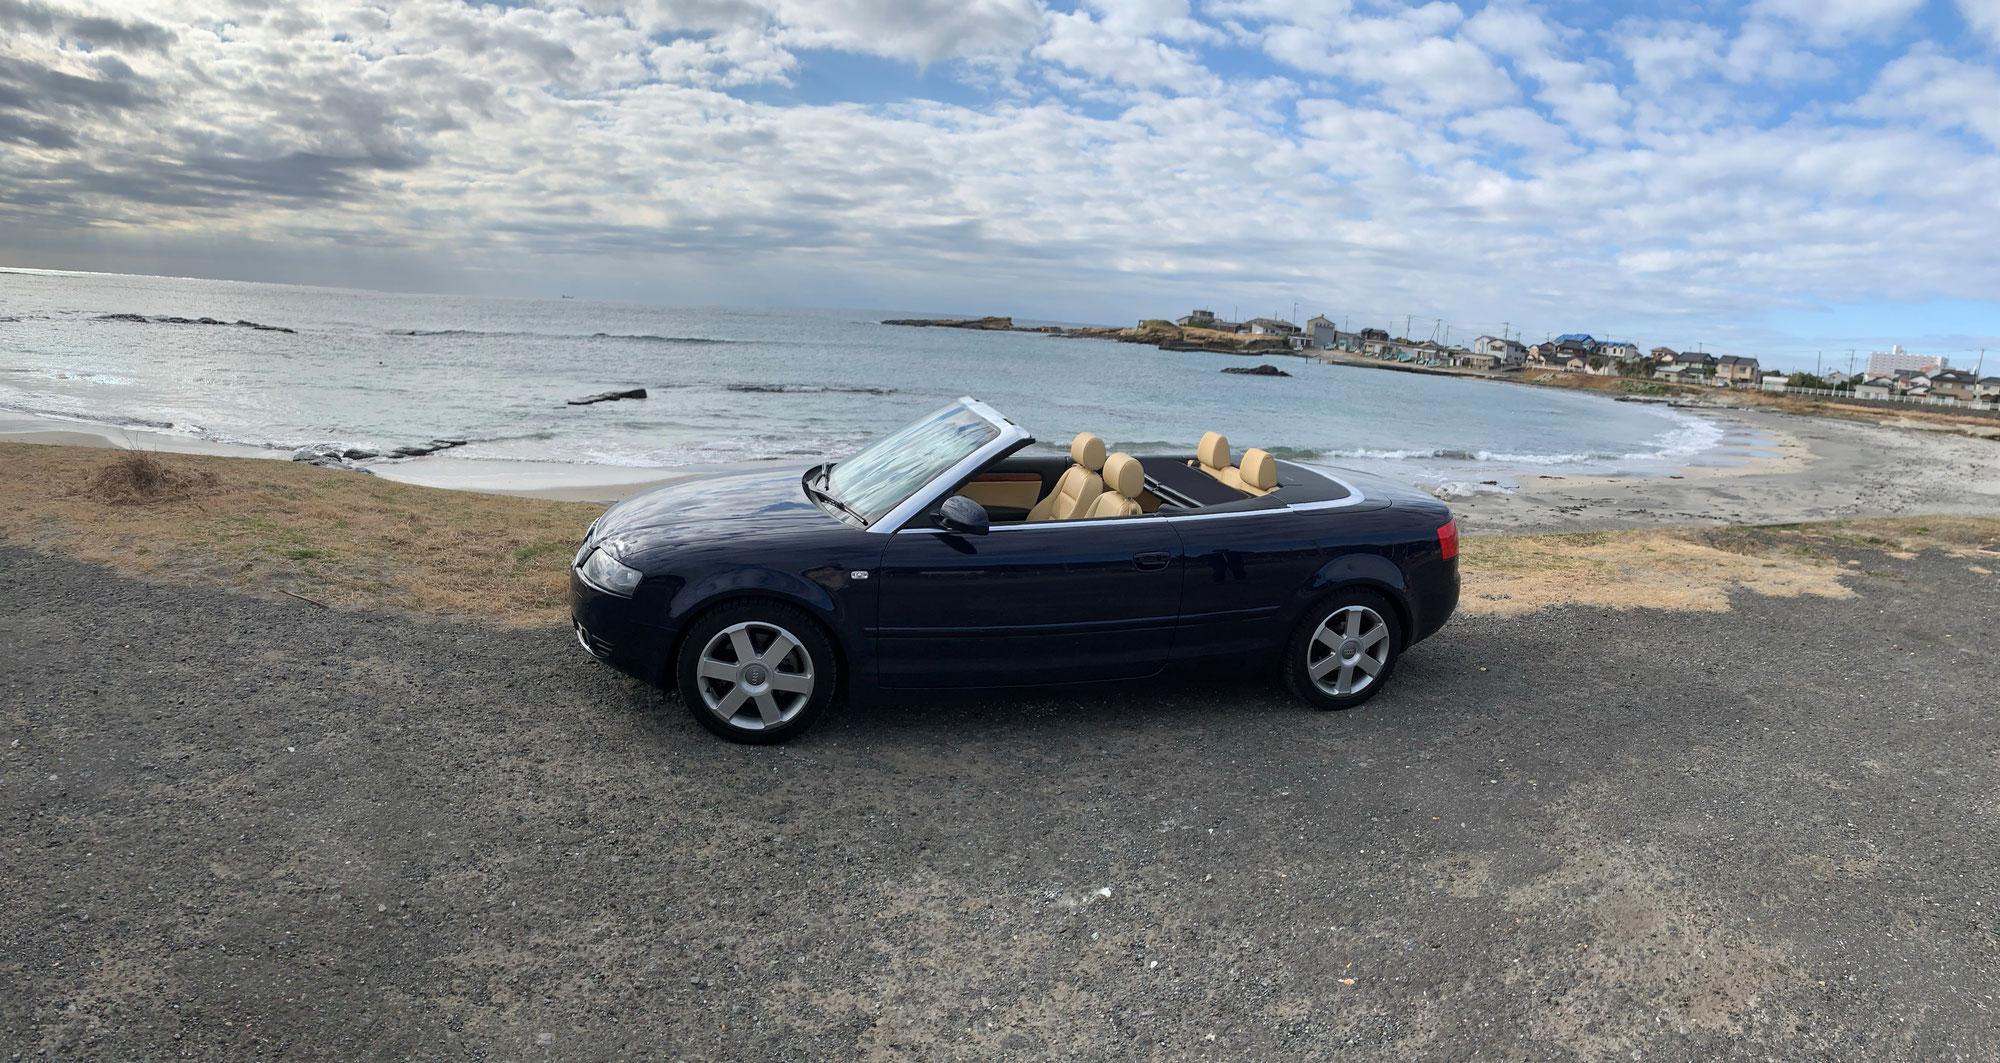 真冬の海とオープンカー